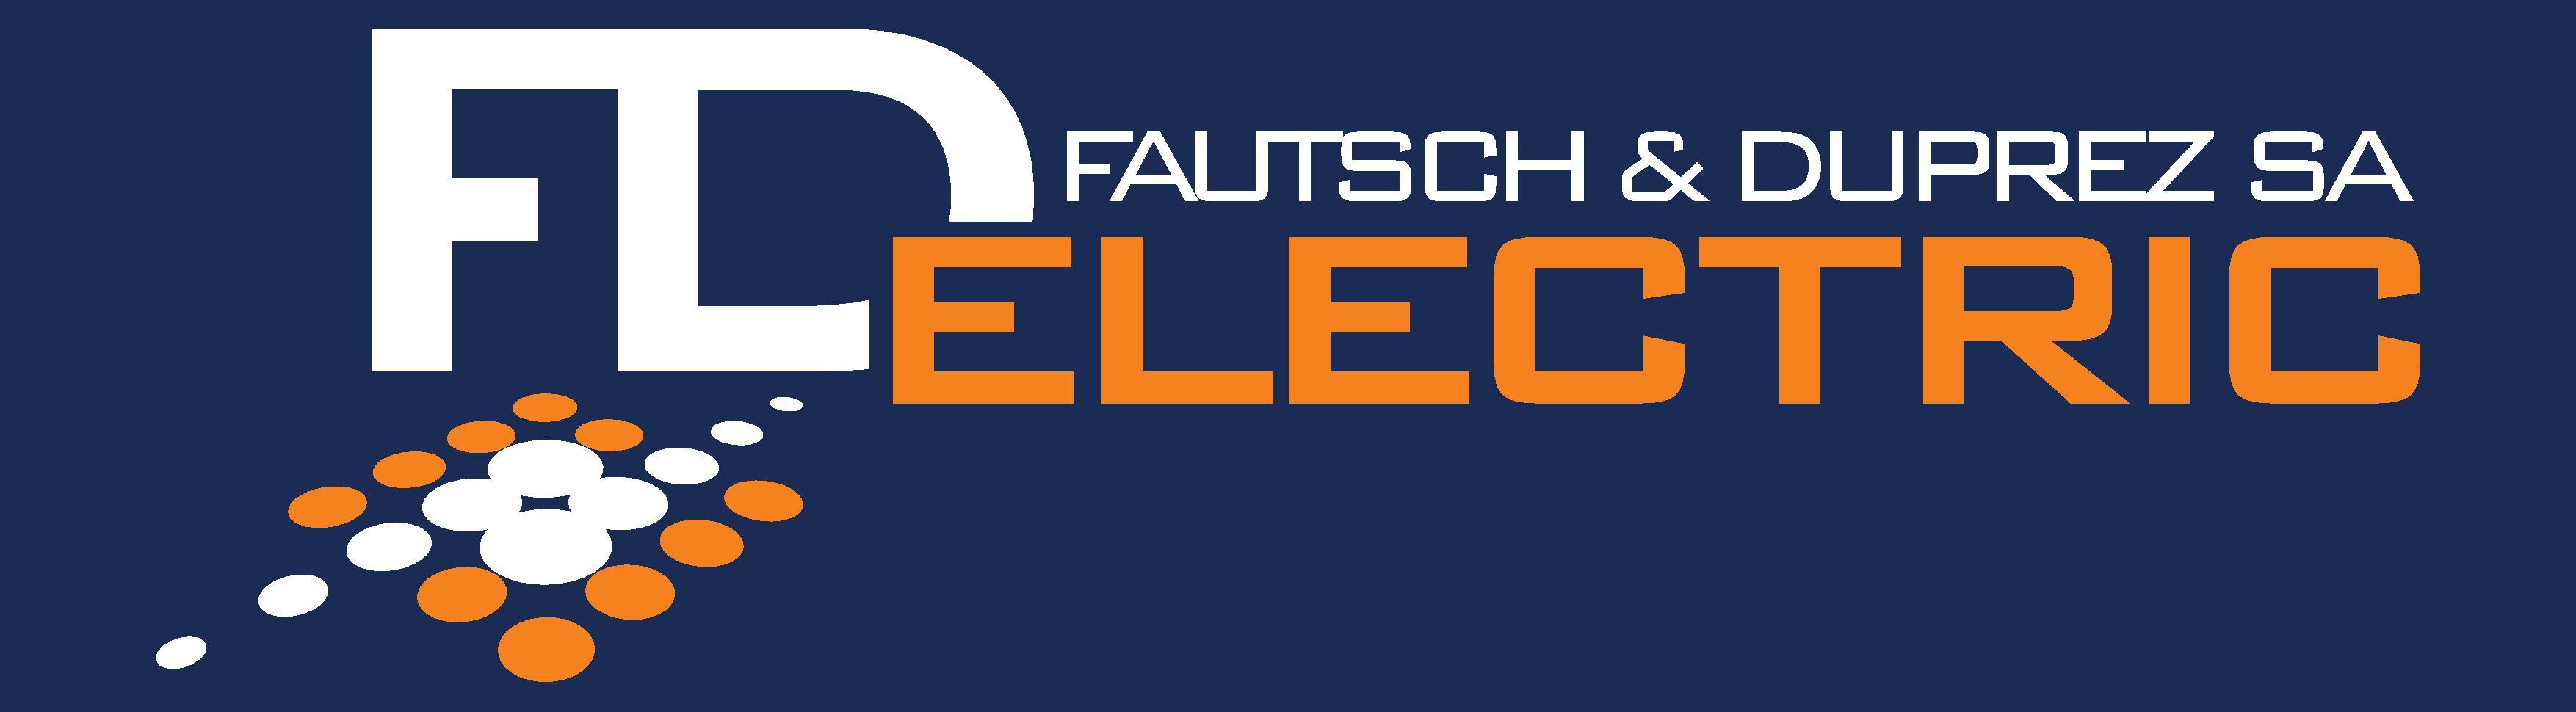 FD Electric SA